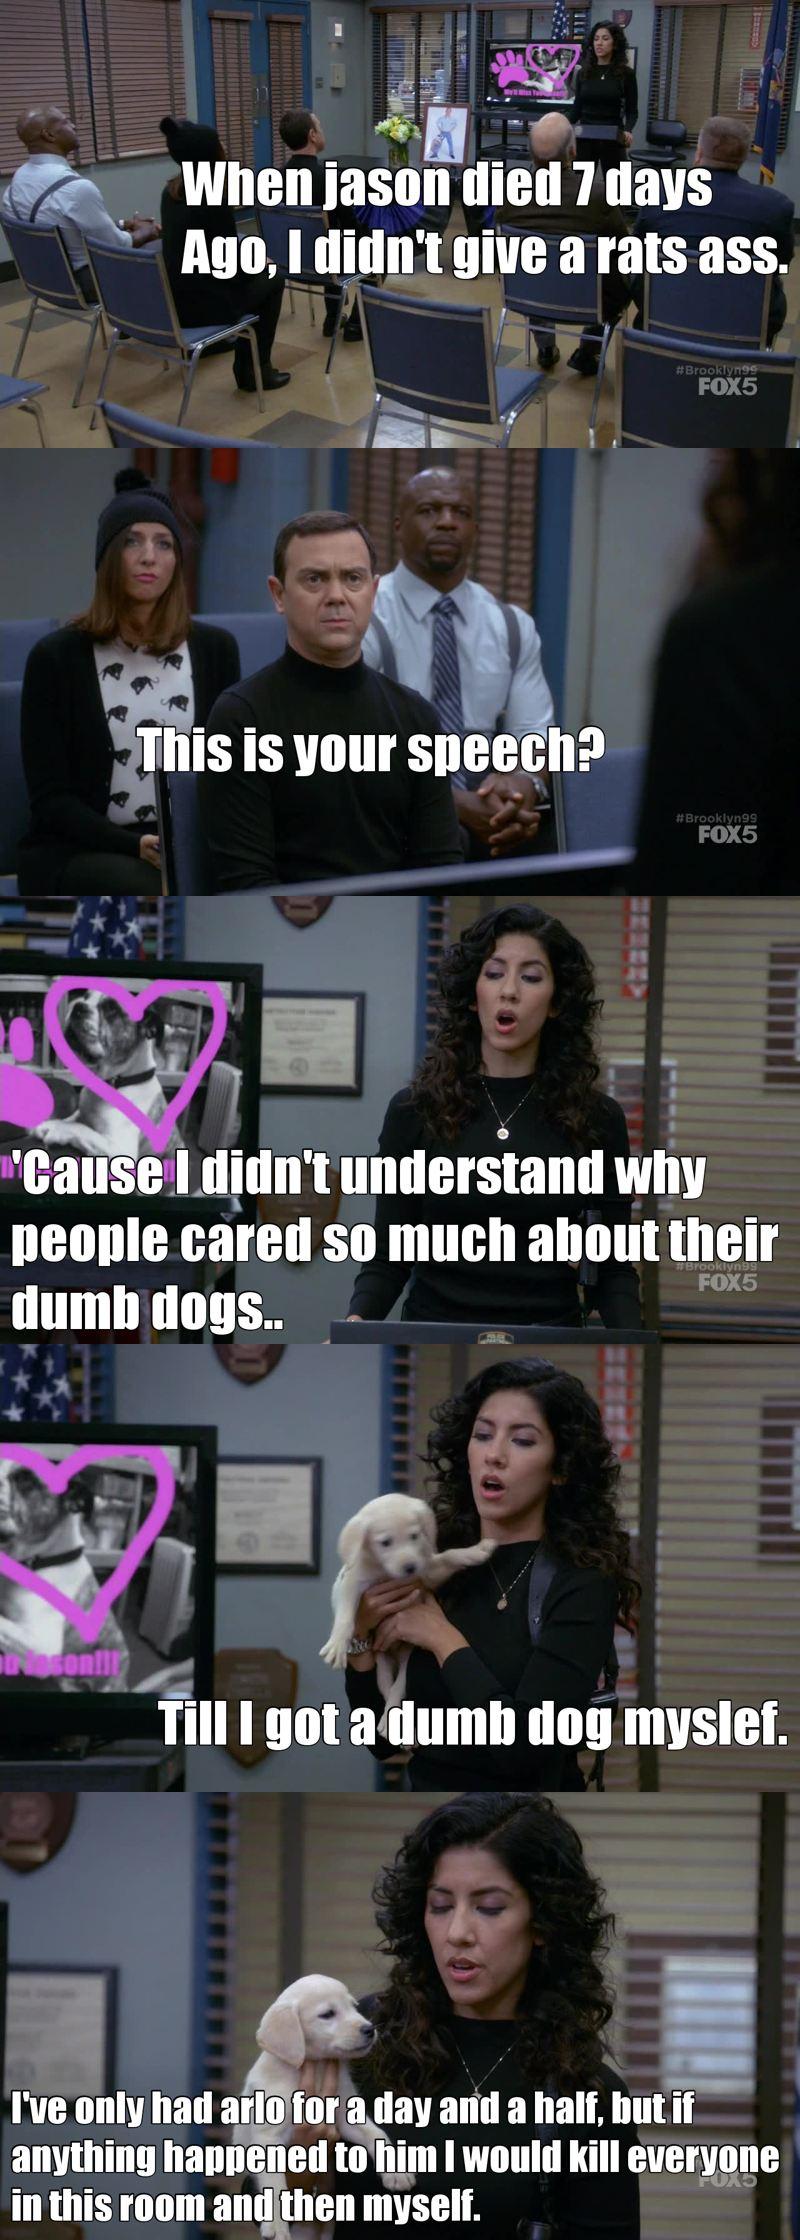 Hahaha Rosa 😂😂